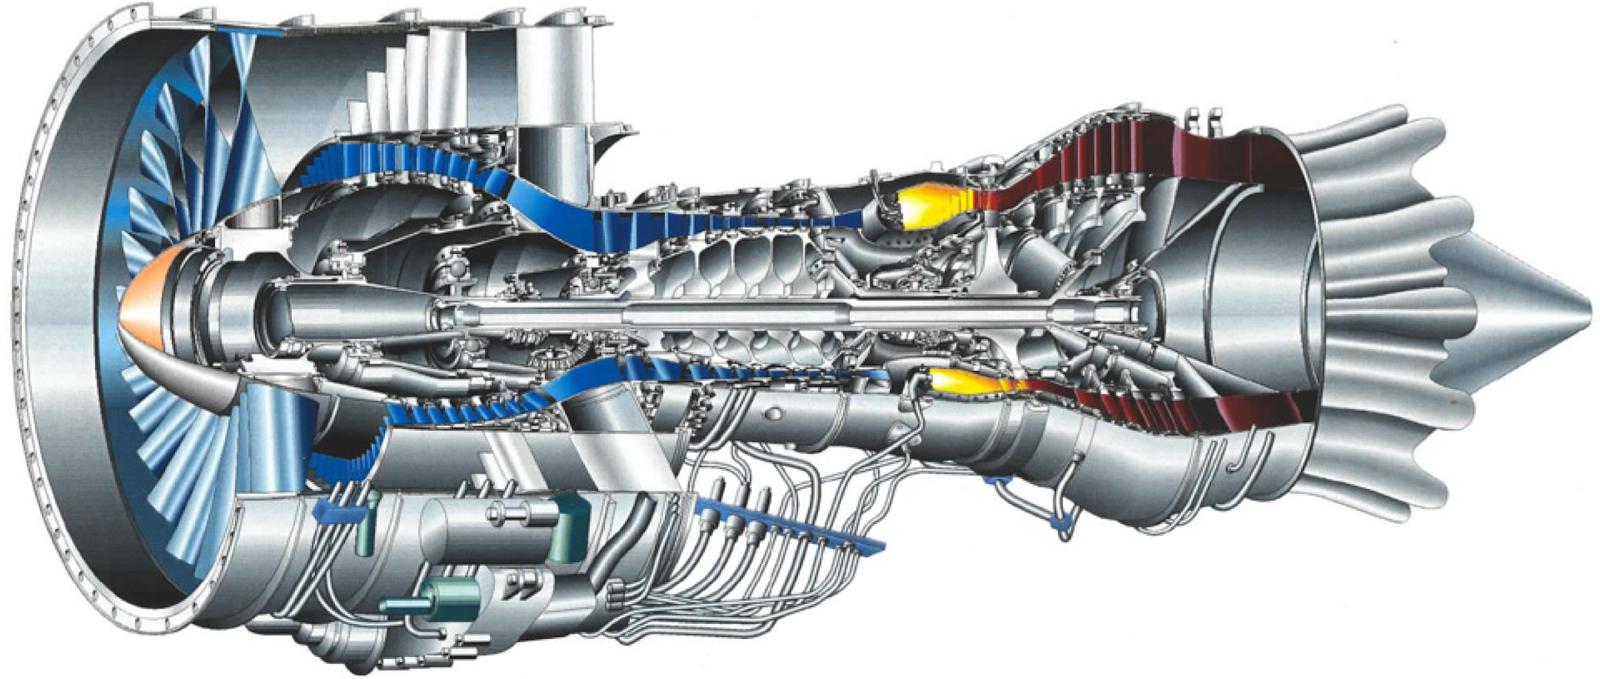 jet engine turbine and - photo #26